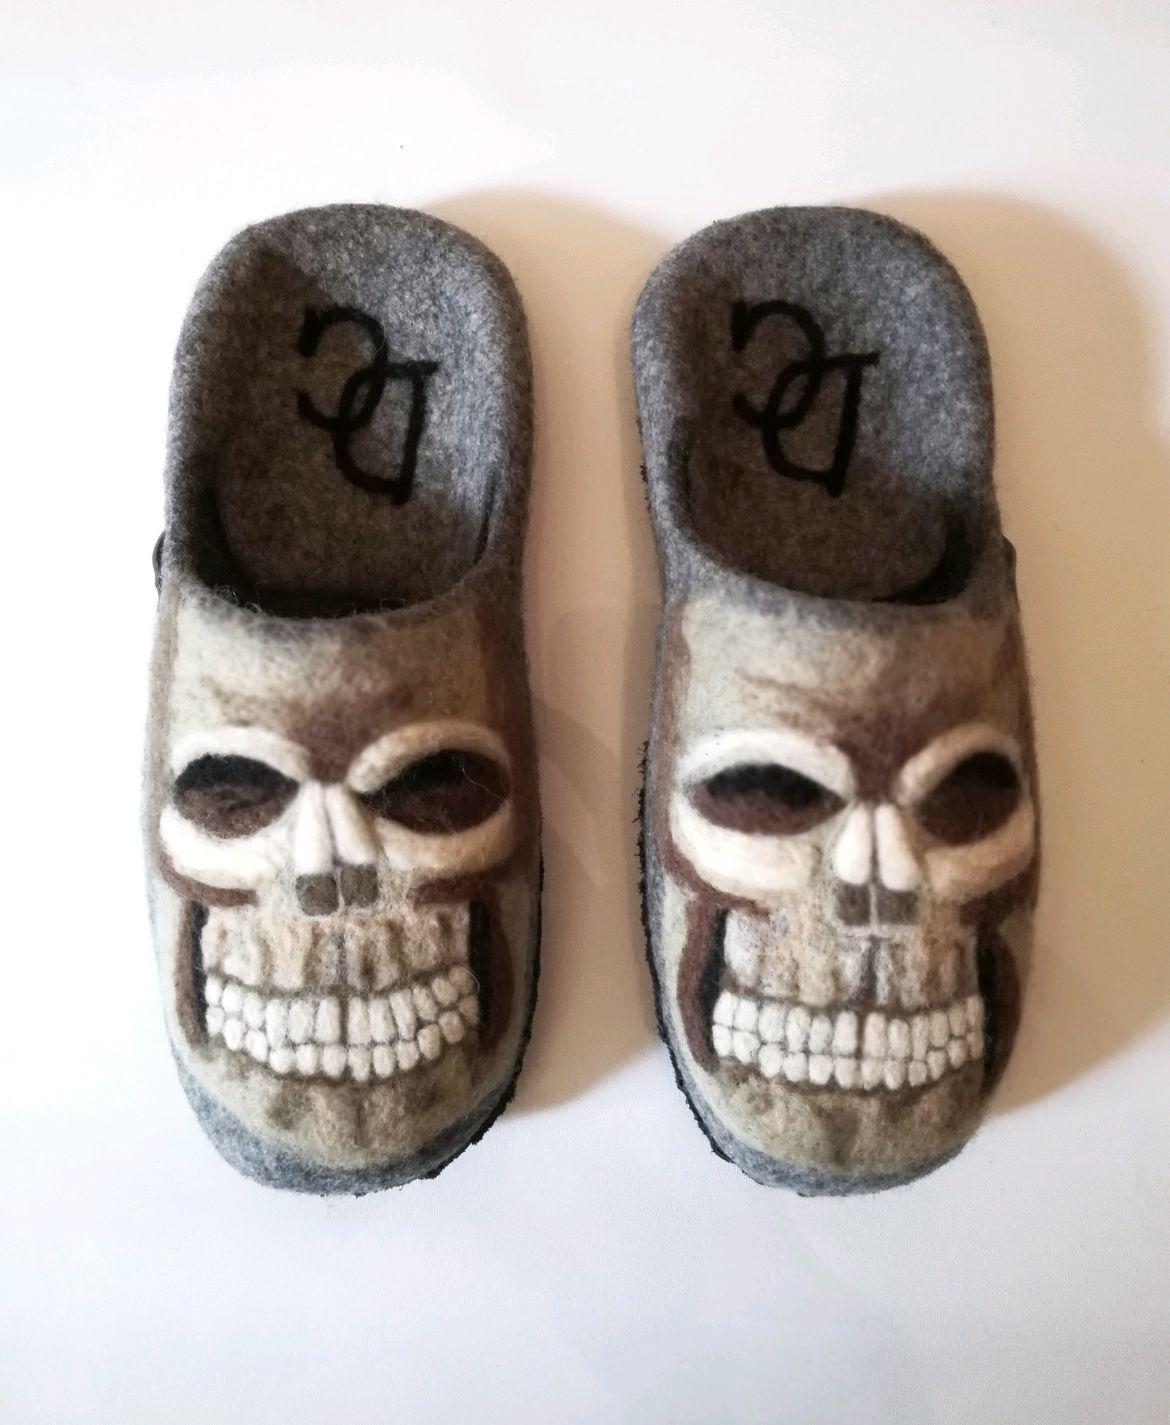 Men's felt Slippers 'Skull', Slippers, St. Petersburg,  Фото №1